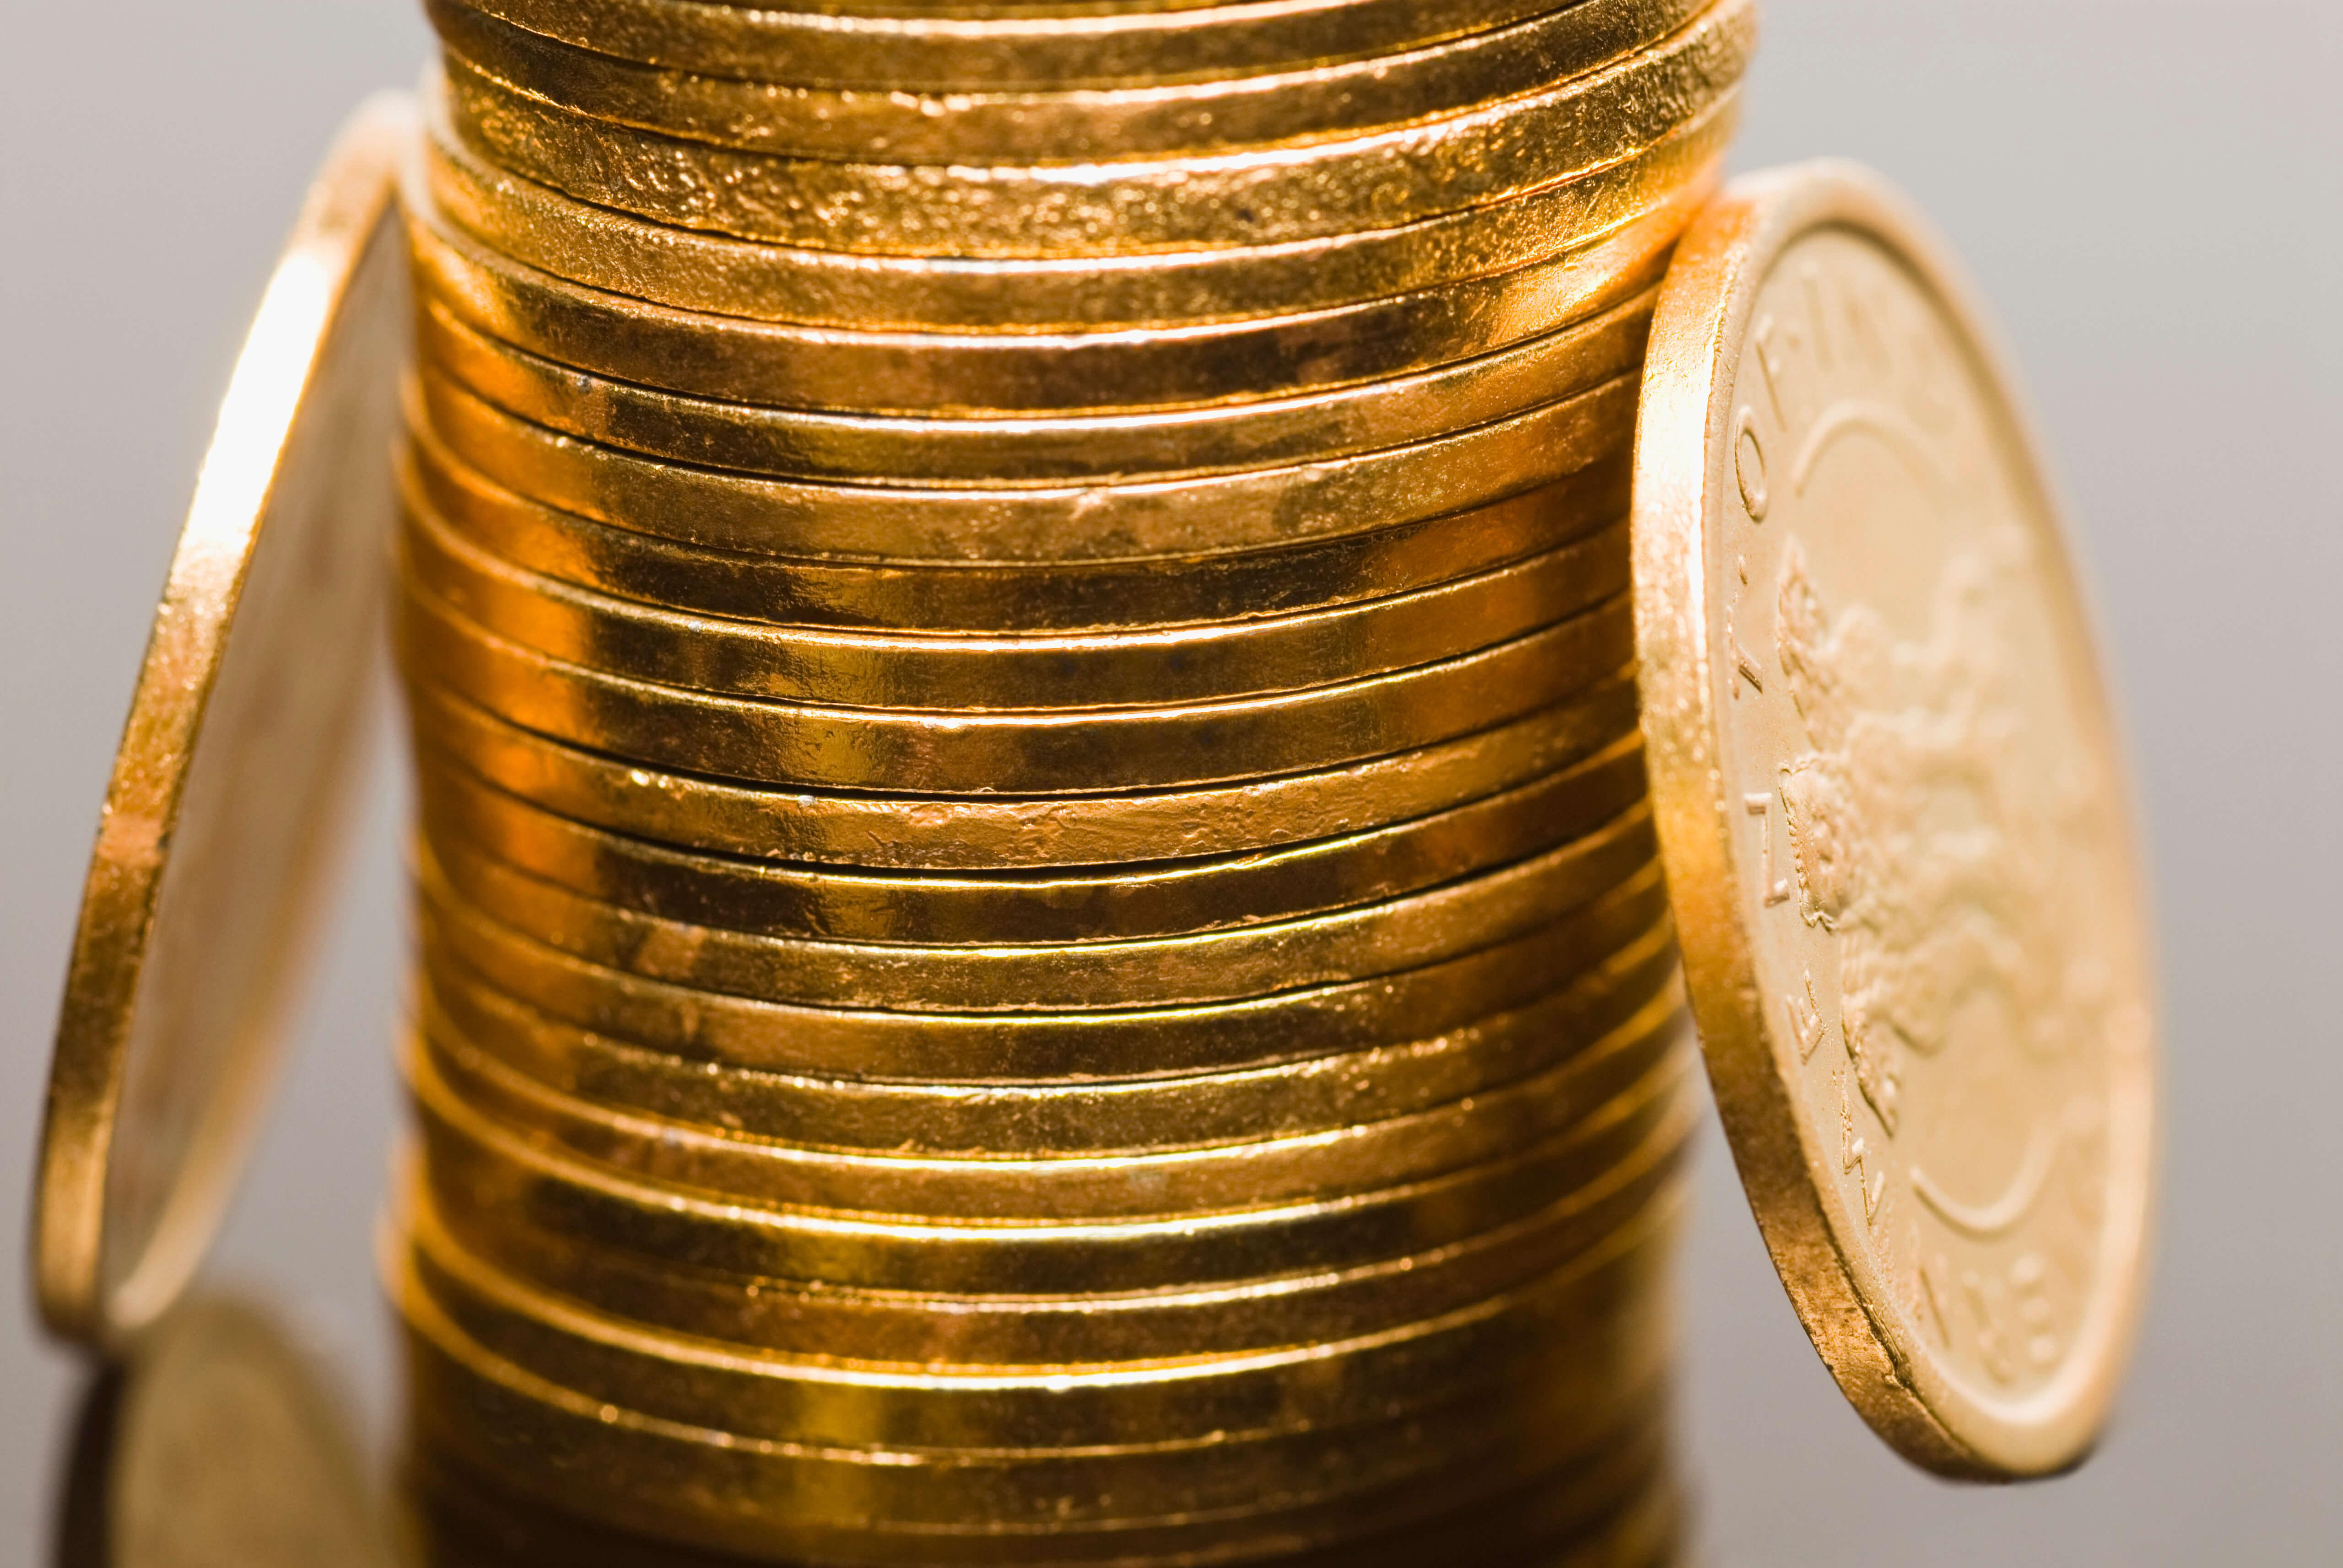 Вулкан 24 клуб: как играть на деньги, официальный клуб